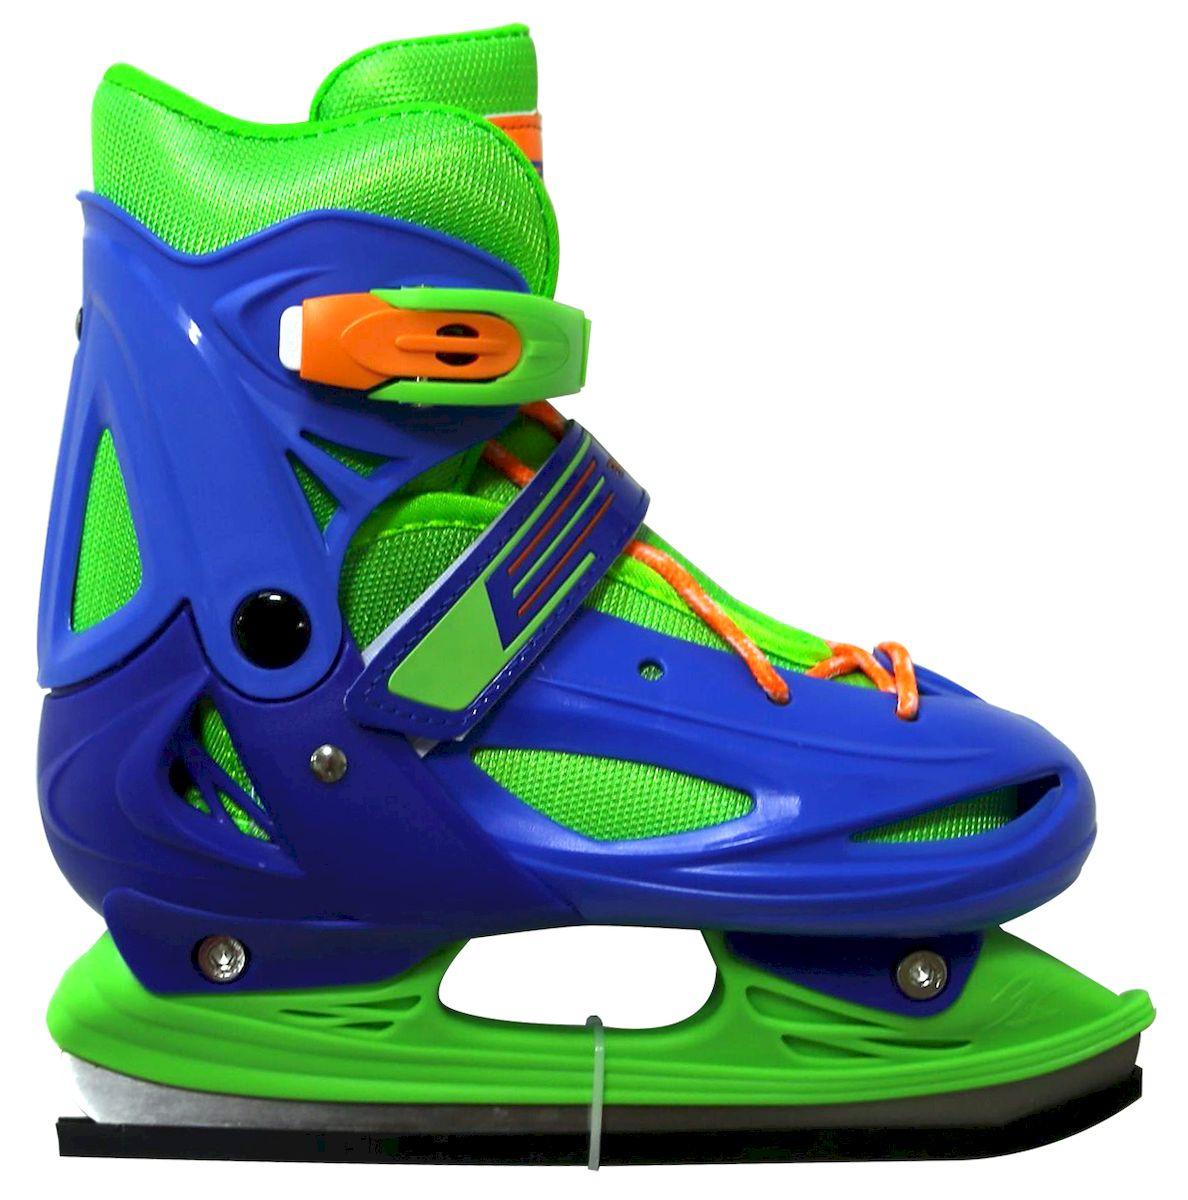 Коньки ледовые Ice Blade Casey, раздвижные, цвет: синий, зеленый, оранжевый. УТ-00009125. Размер L (38/41)